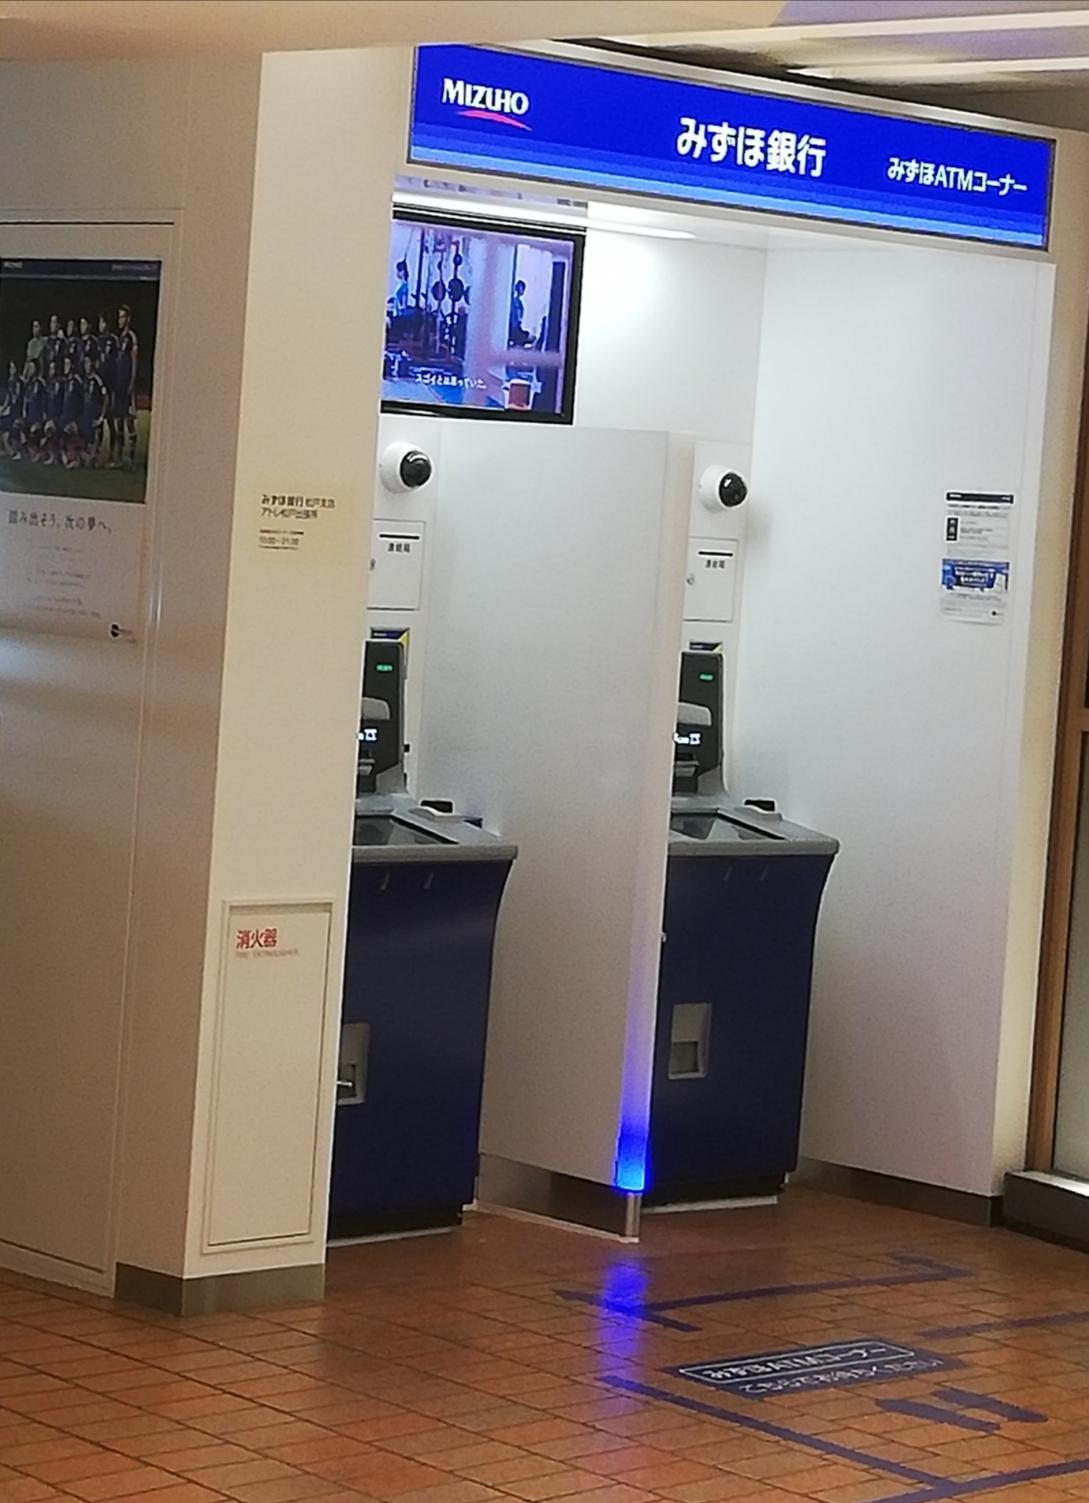 みずほ銀行ATMアトレ松戸出張所ATM2台